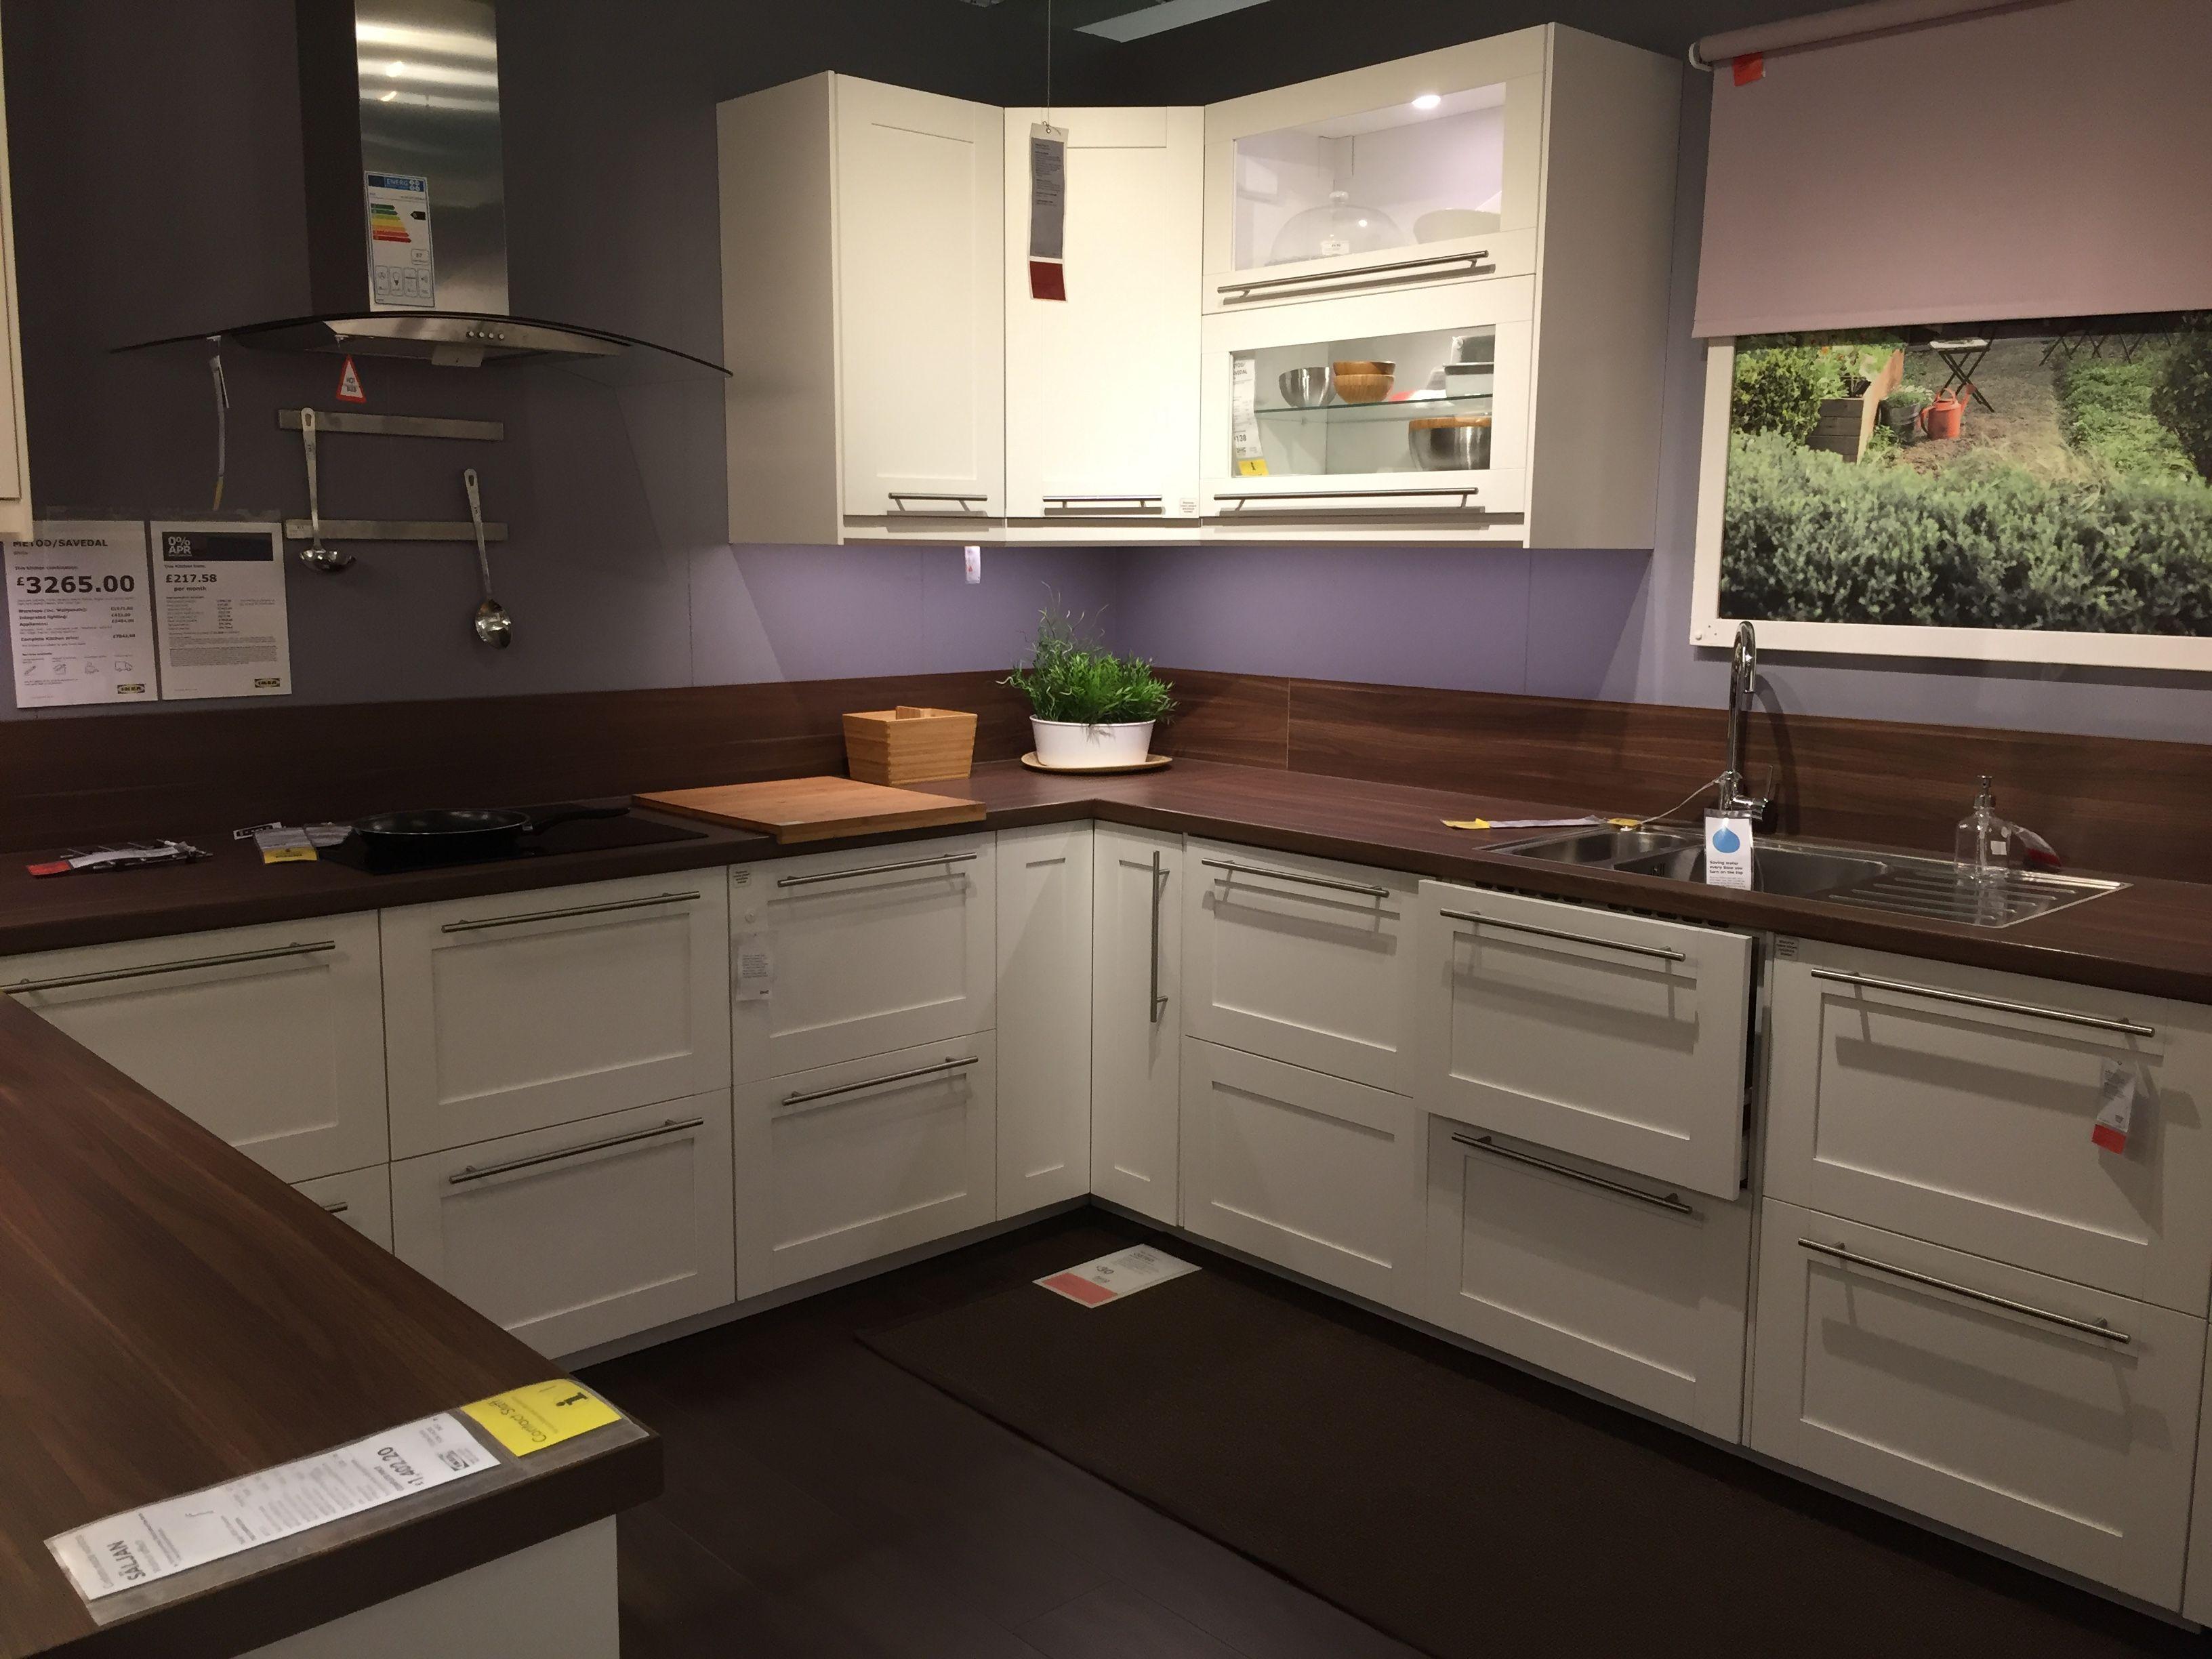 Ikea metod/ savedal kitchen   Cuisine blanche et bois, Décoration maison, Cuisine